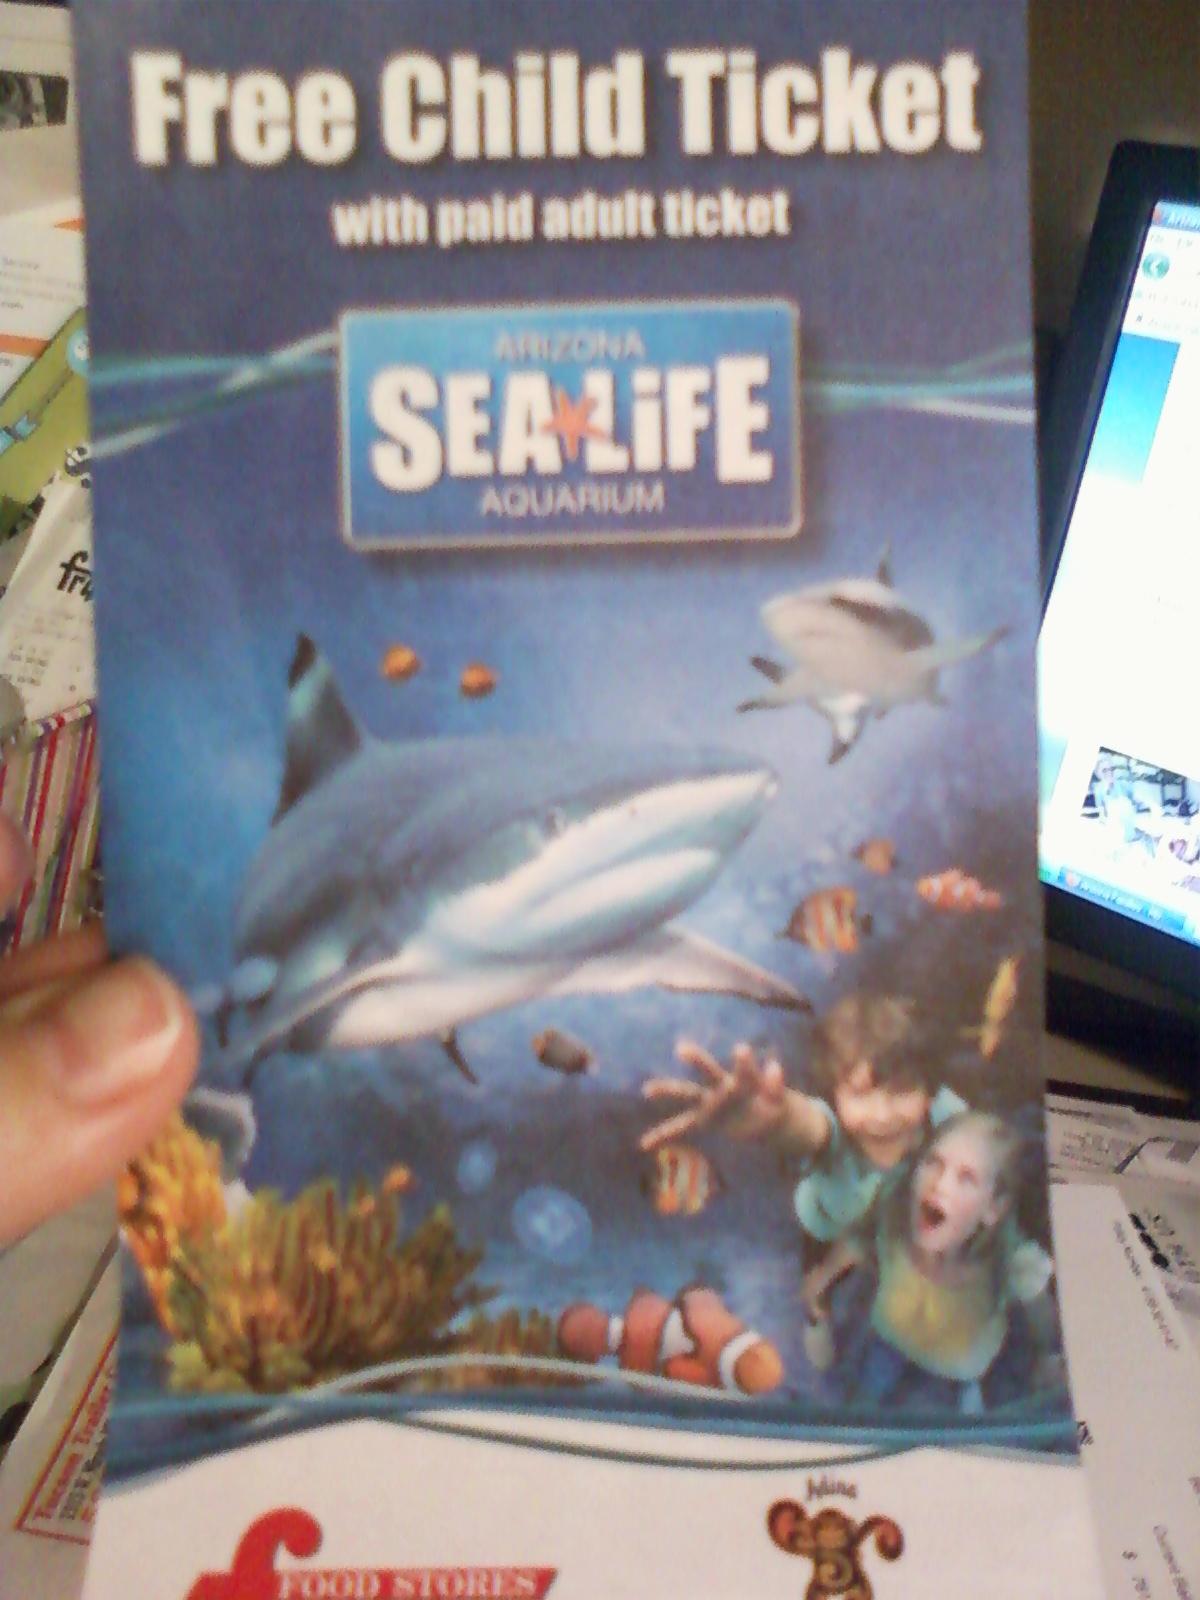 Seaquest aquarium coupon code